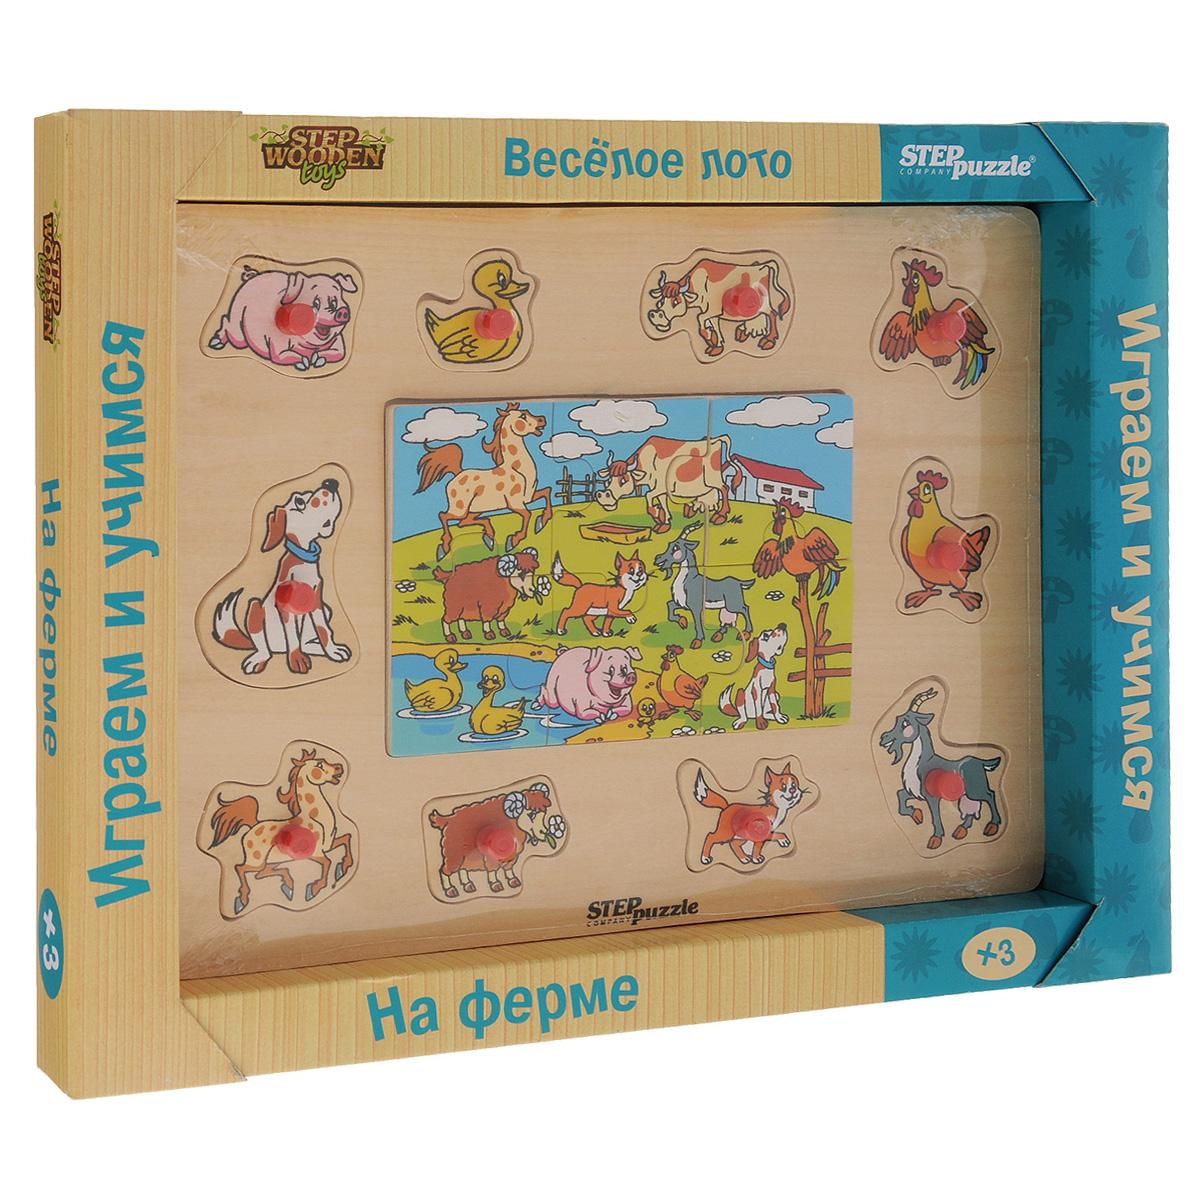 Деревянный пазл-вкладыш Веселое лото. На ферме, 16 элементов89603_на фермеУвлекательная развивающая игра Веселое лото. На ферме поможет малышу познакомится с основными домашними животными. Игра развивает логическое мышление, память, мелкую моторику, позволяет моделировать множество игровых ситуаций. Набор состоит из 6 пазлов и 10 отдельных фигурок из дерева с изображением домашних животных.